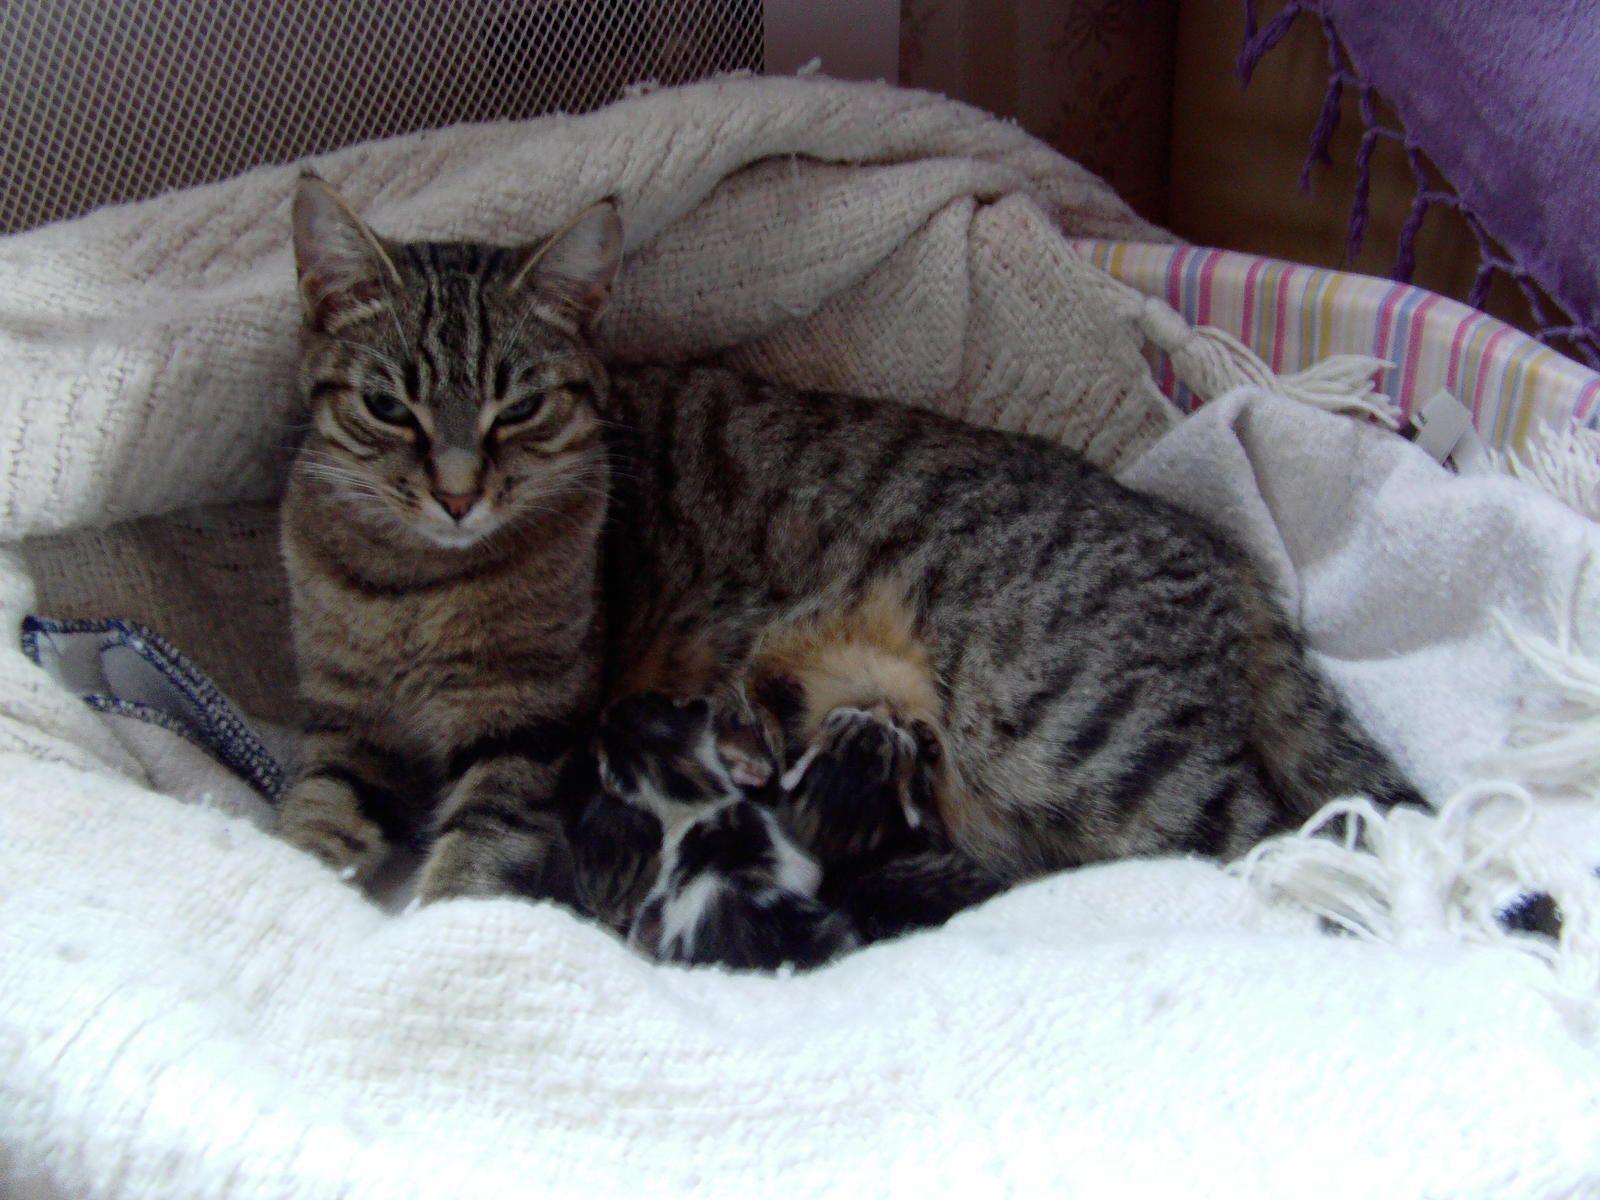 Mes petits chats ont deux ans l 39 atelier de lilinours - Mes chats ont des puces ...